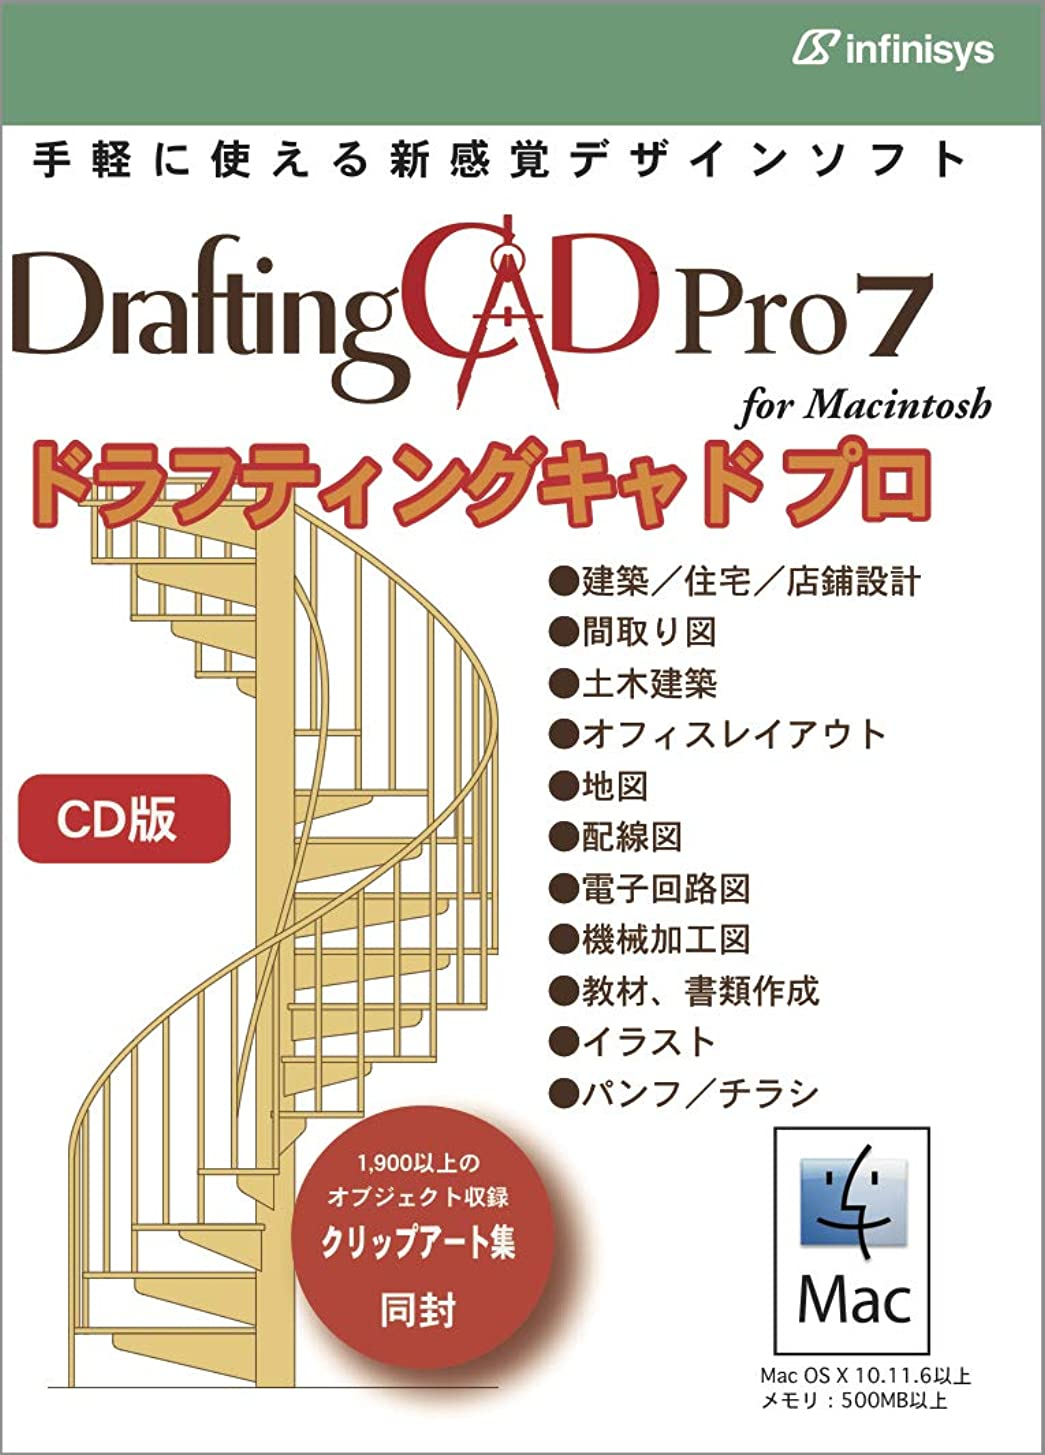 強要サーバ噴火ドラフティングキャドプロ 7 for Mac CD版